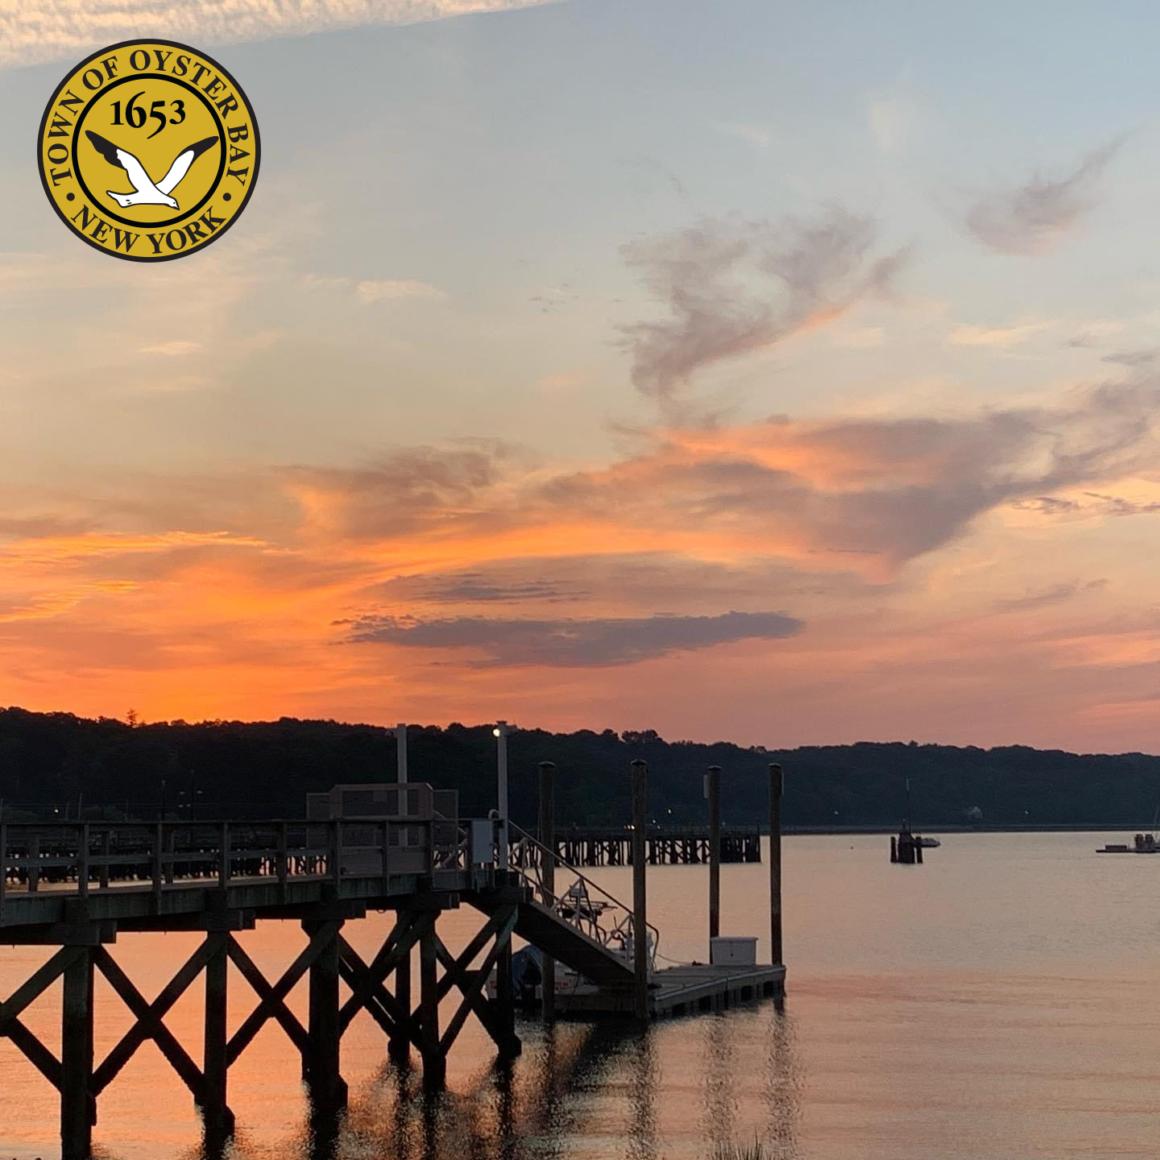 Oyster Bay Named Winner of Best Regional Harbor in America